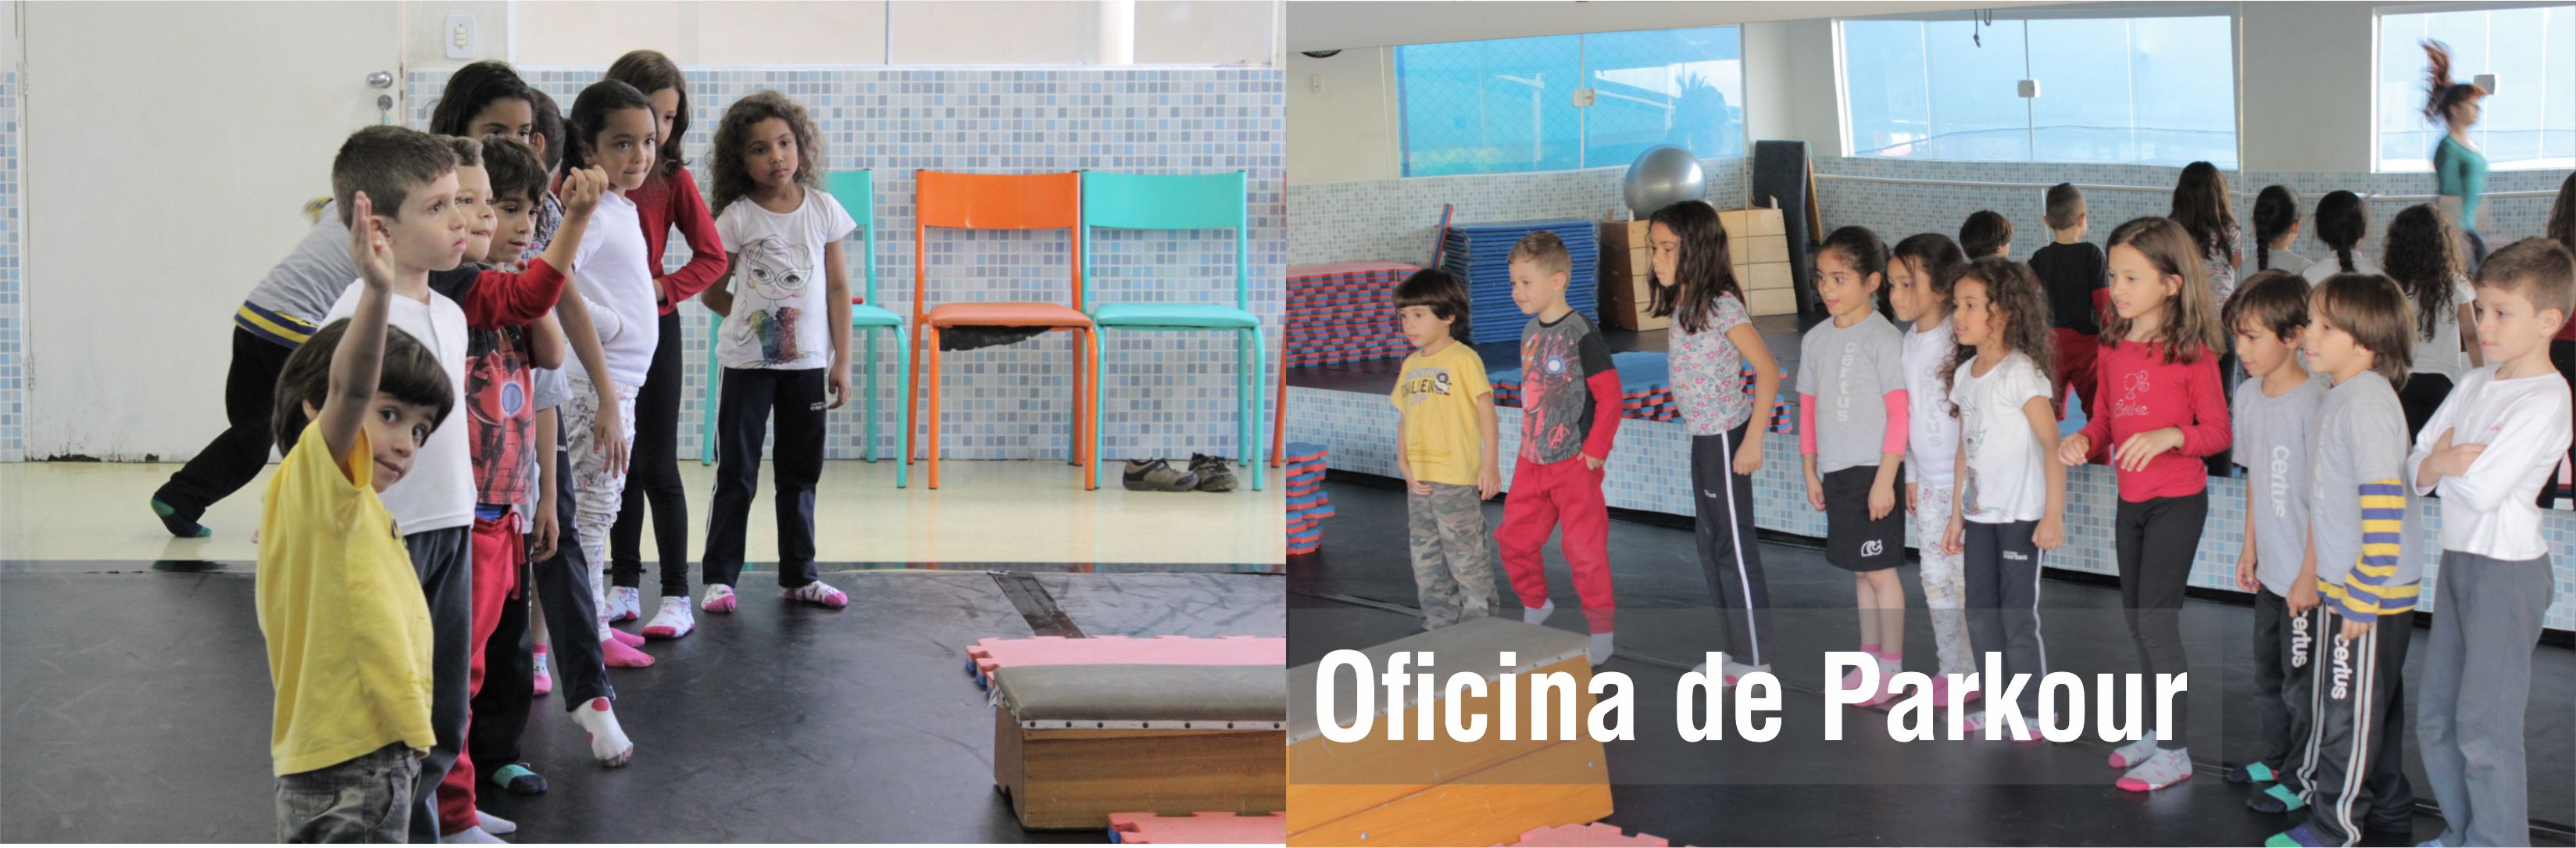 Férias do Integral de julho do Certus para educação infantil e fundamental tem semanas temáticas cores meio ambiente e e tecnologia - Oficina Parkour